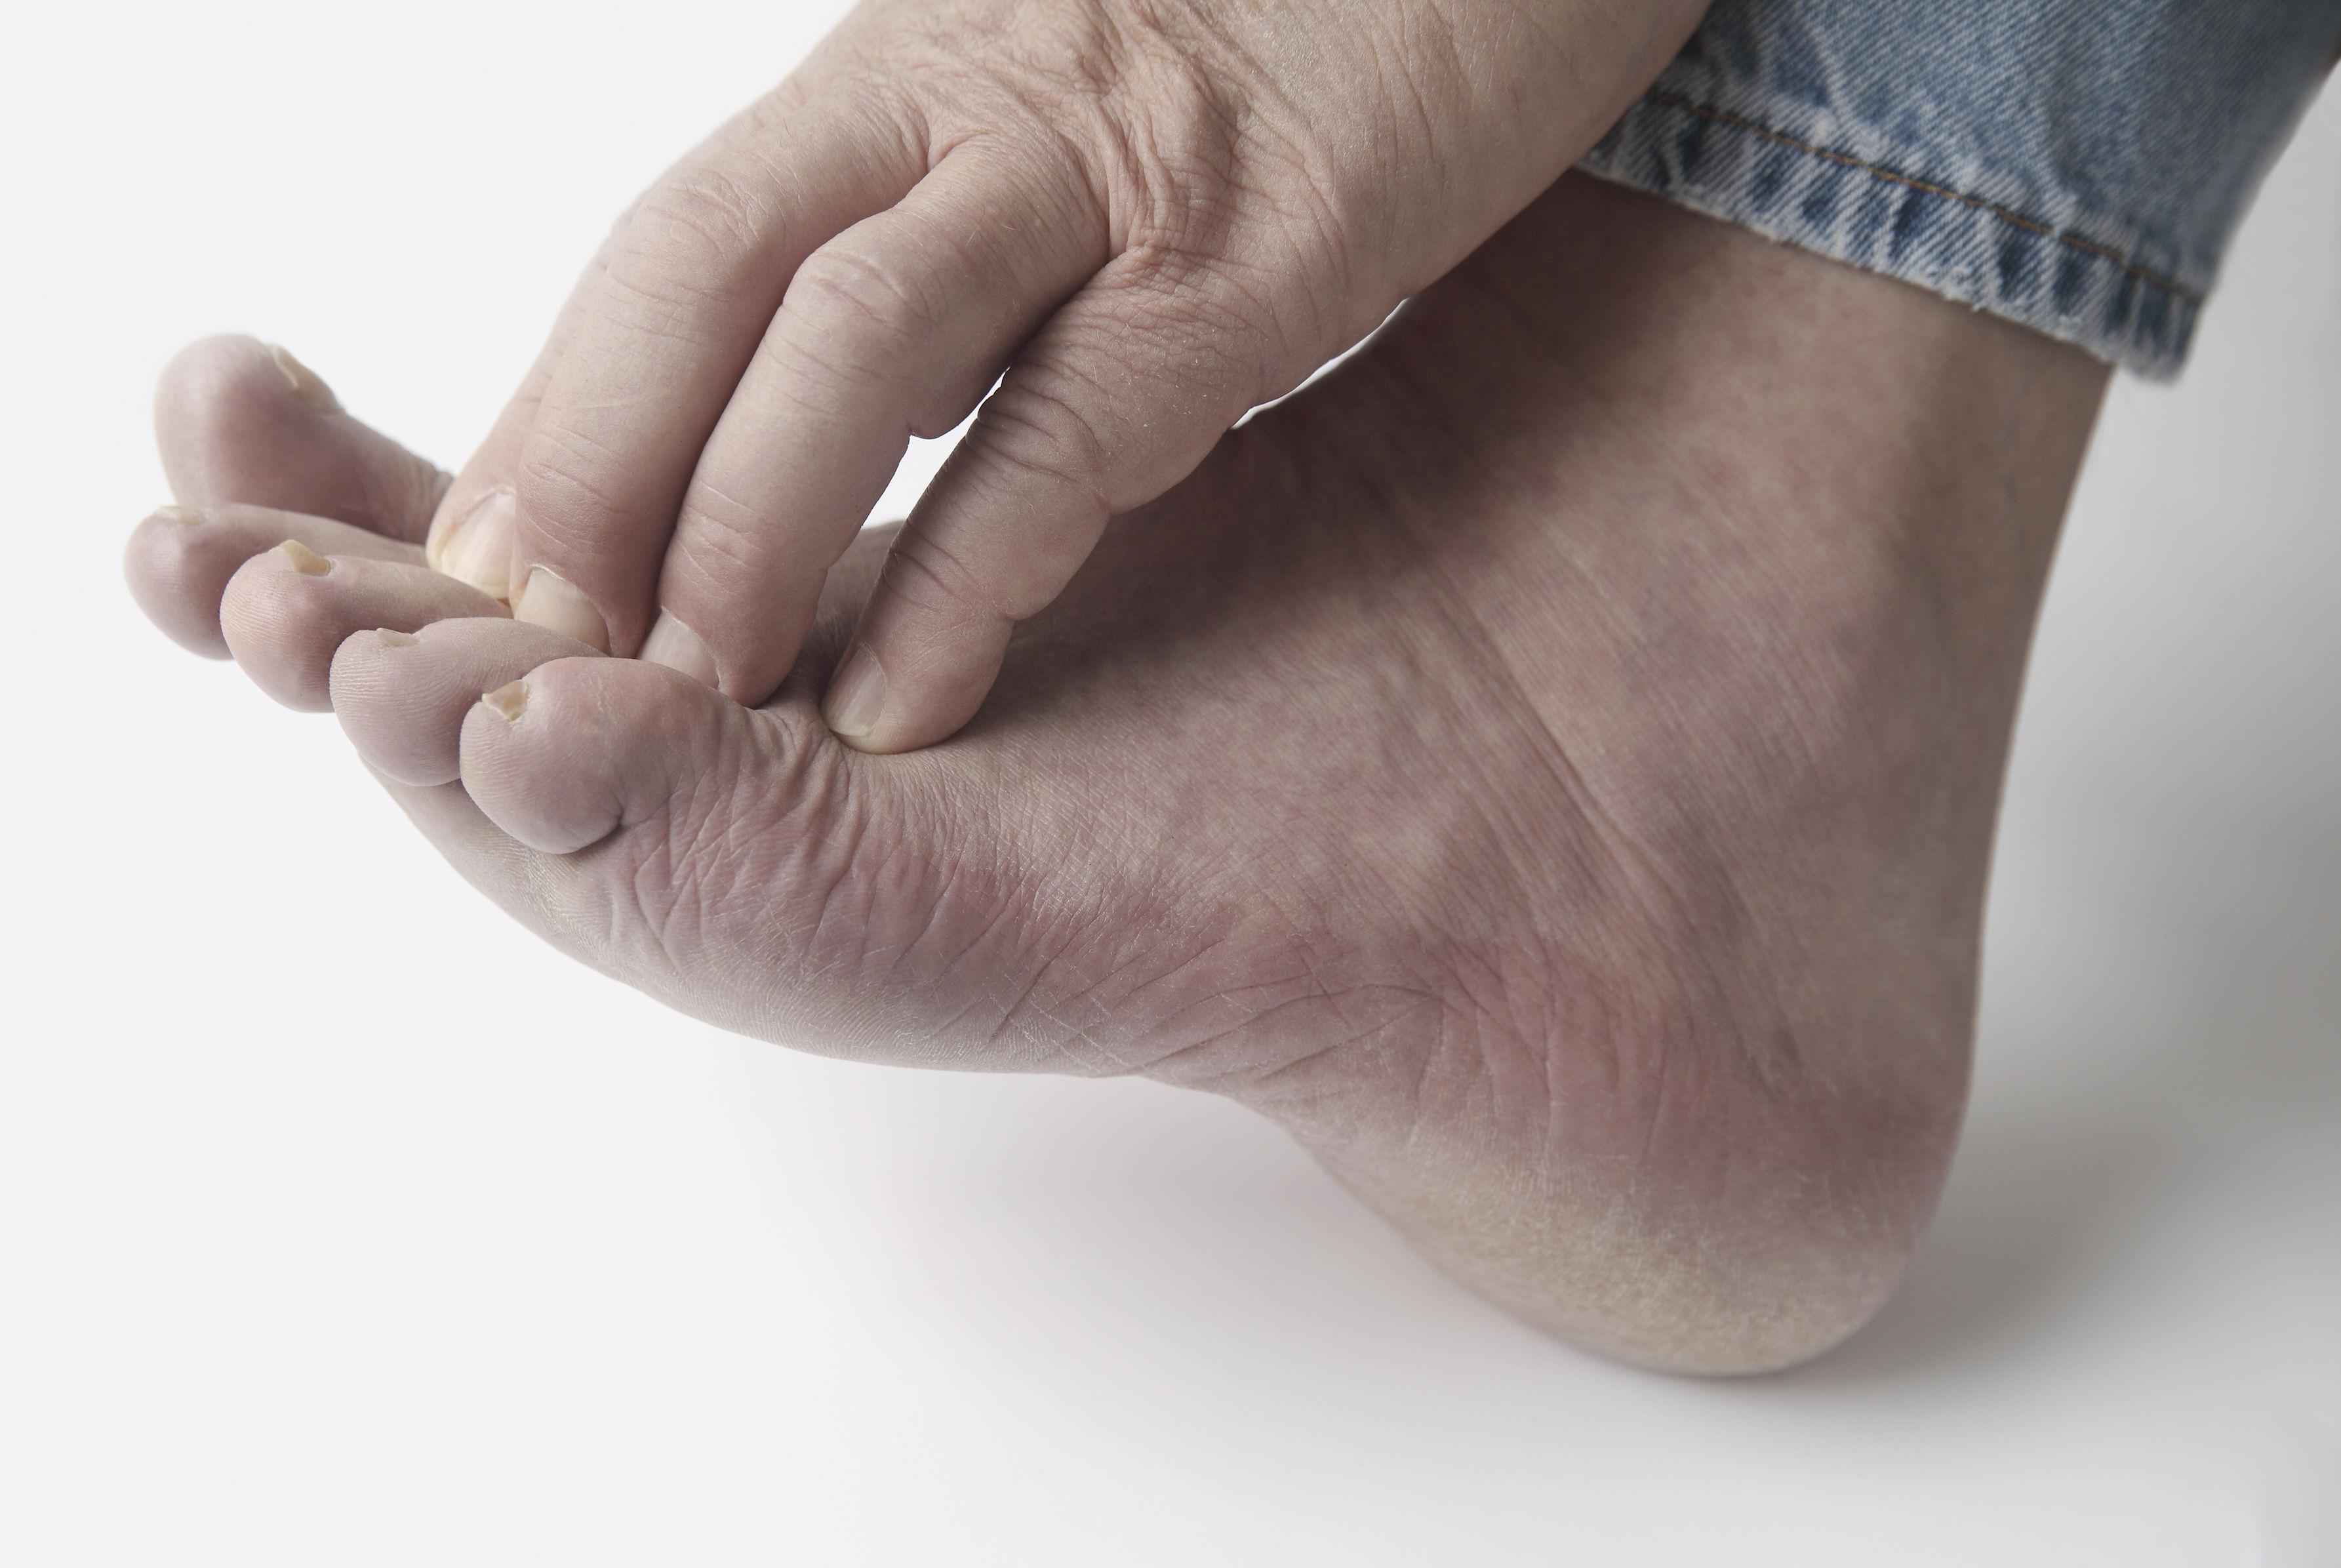 Грибковое заболевание ног